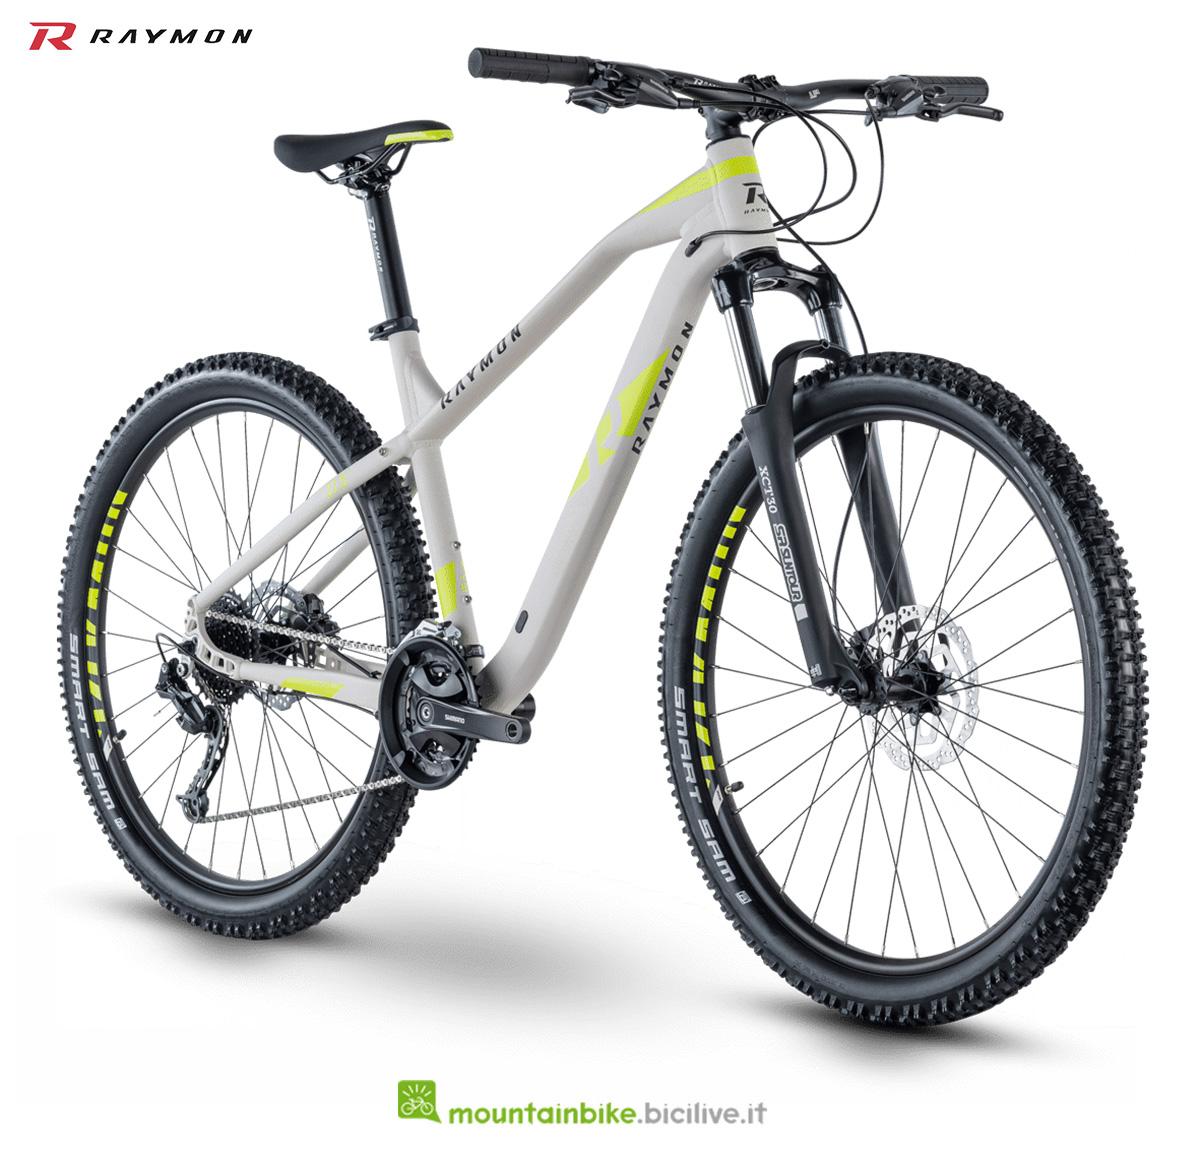 La nuova mountain bike della gamma 2021 R Raymon Hardray Seven 3.0